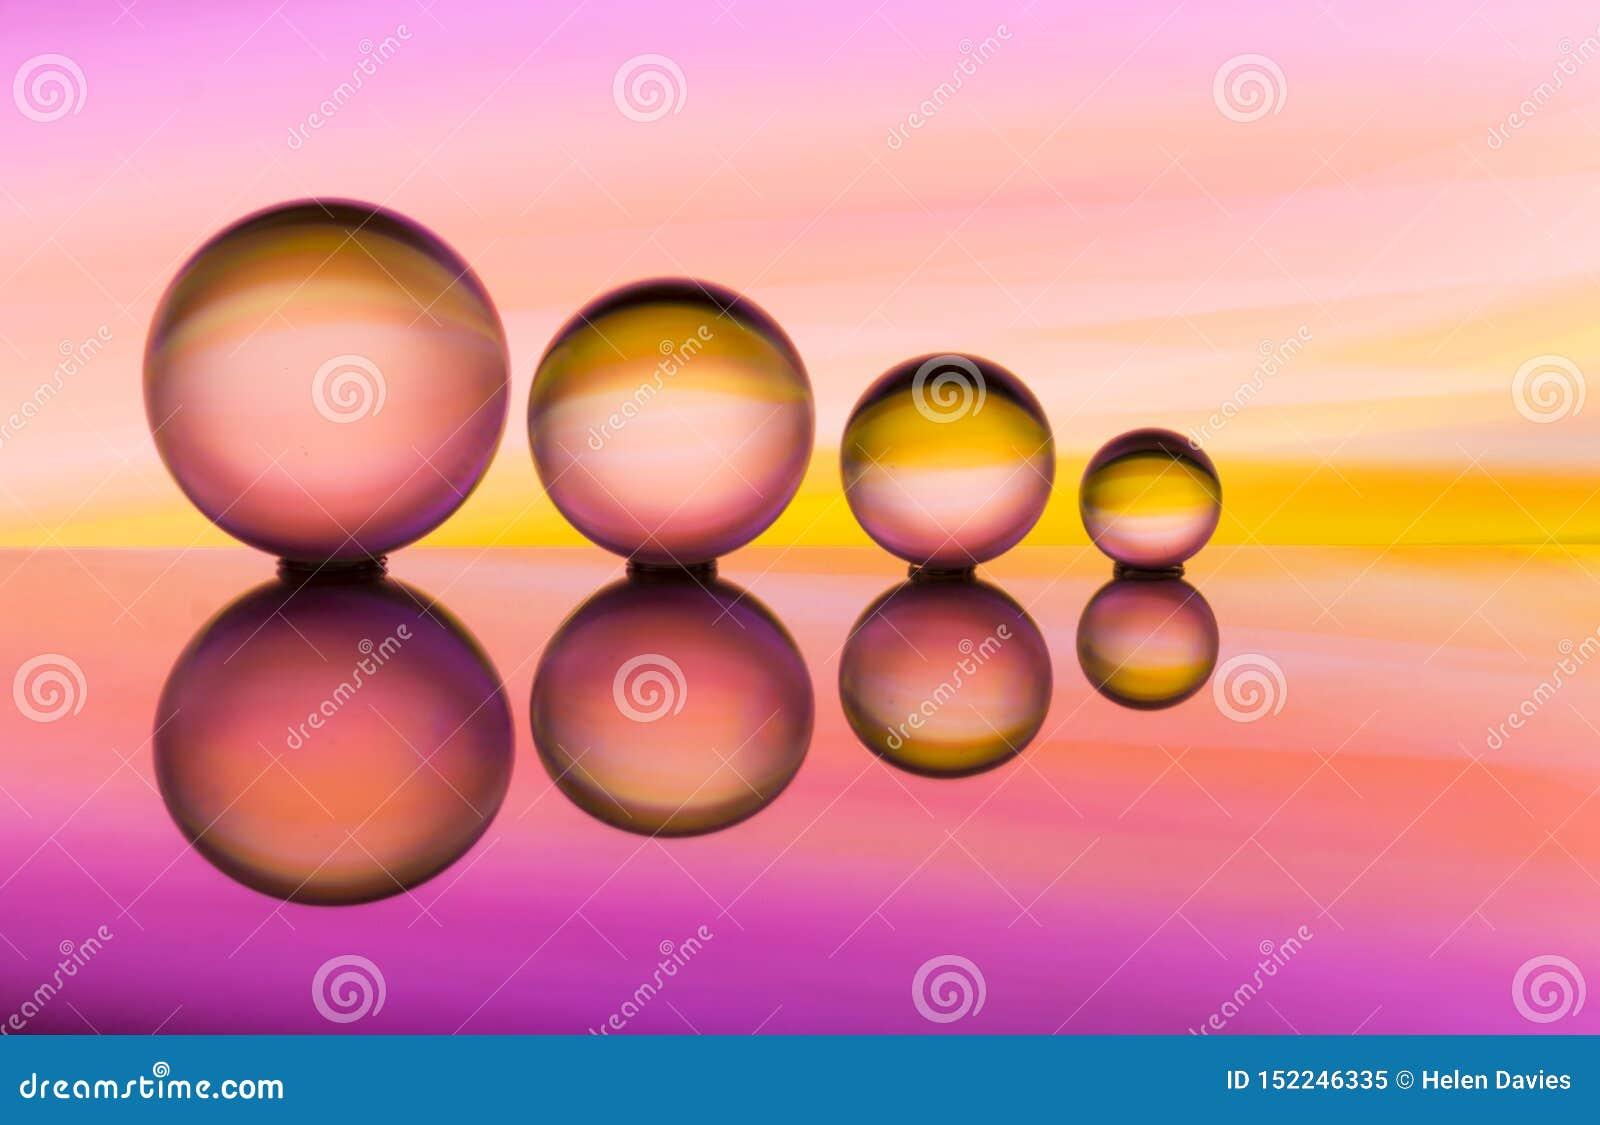 Quatro bolas de cristal em seguido com as raias coloridas da cor do arco-íris atrás delas